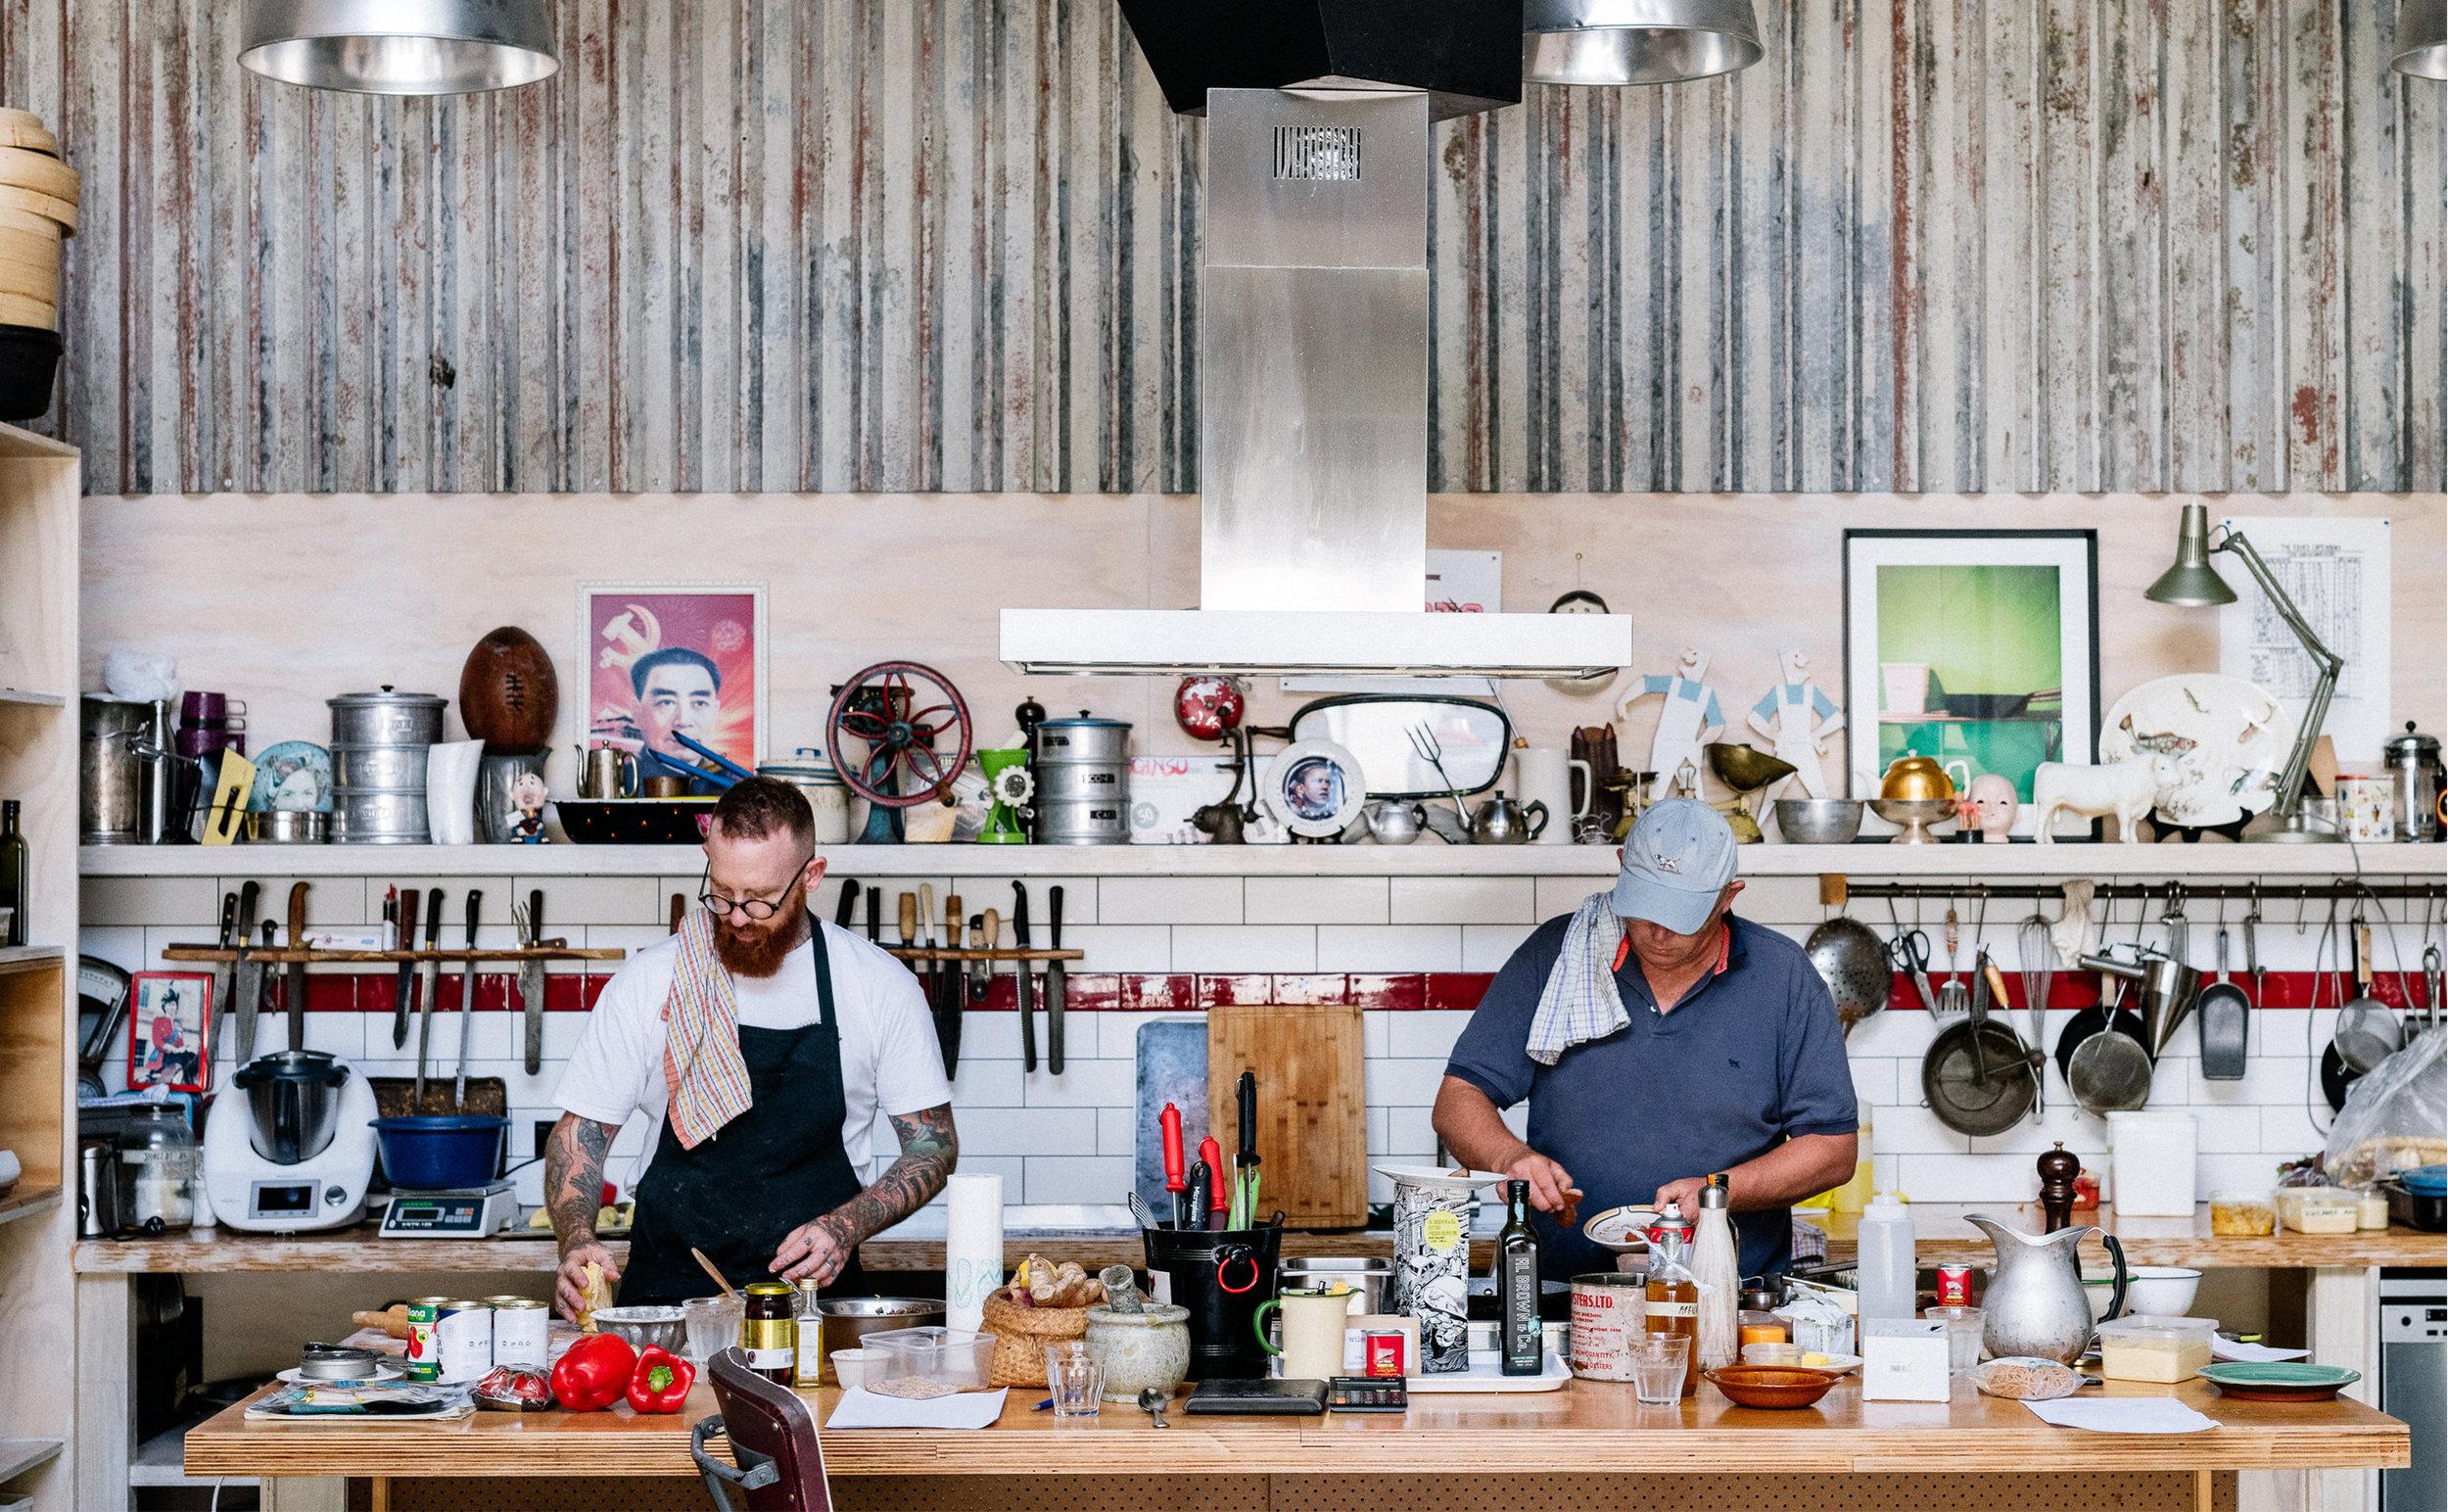 Al-Brown-Eat-Up-NZ-Cookbook-Josh-Griggs-Photographer-Splits-1.jpg